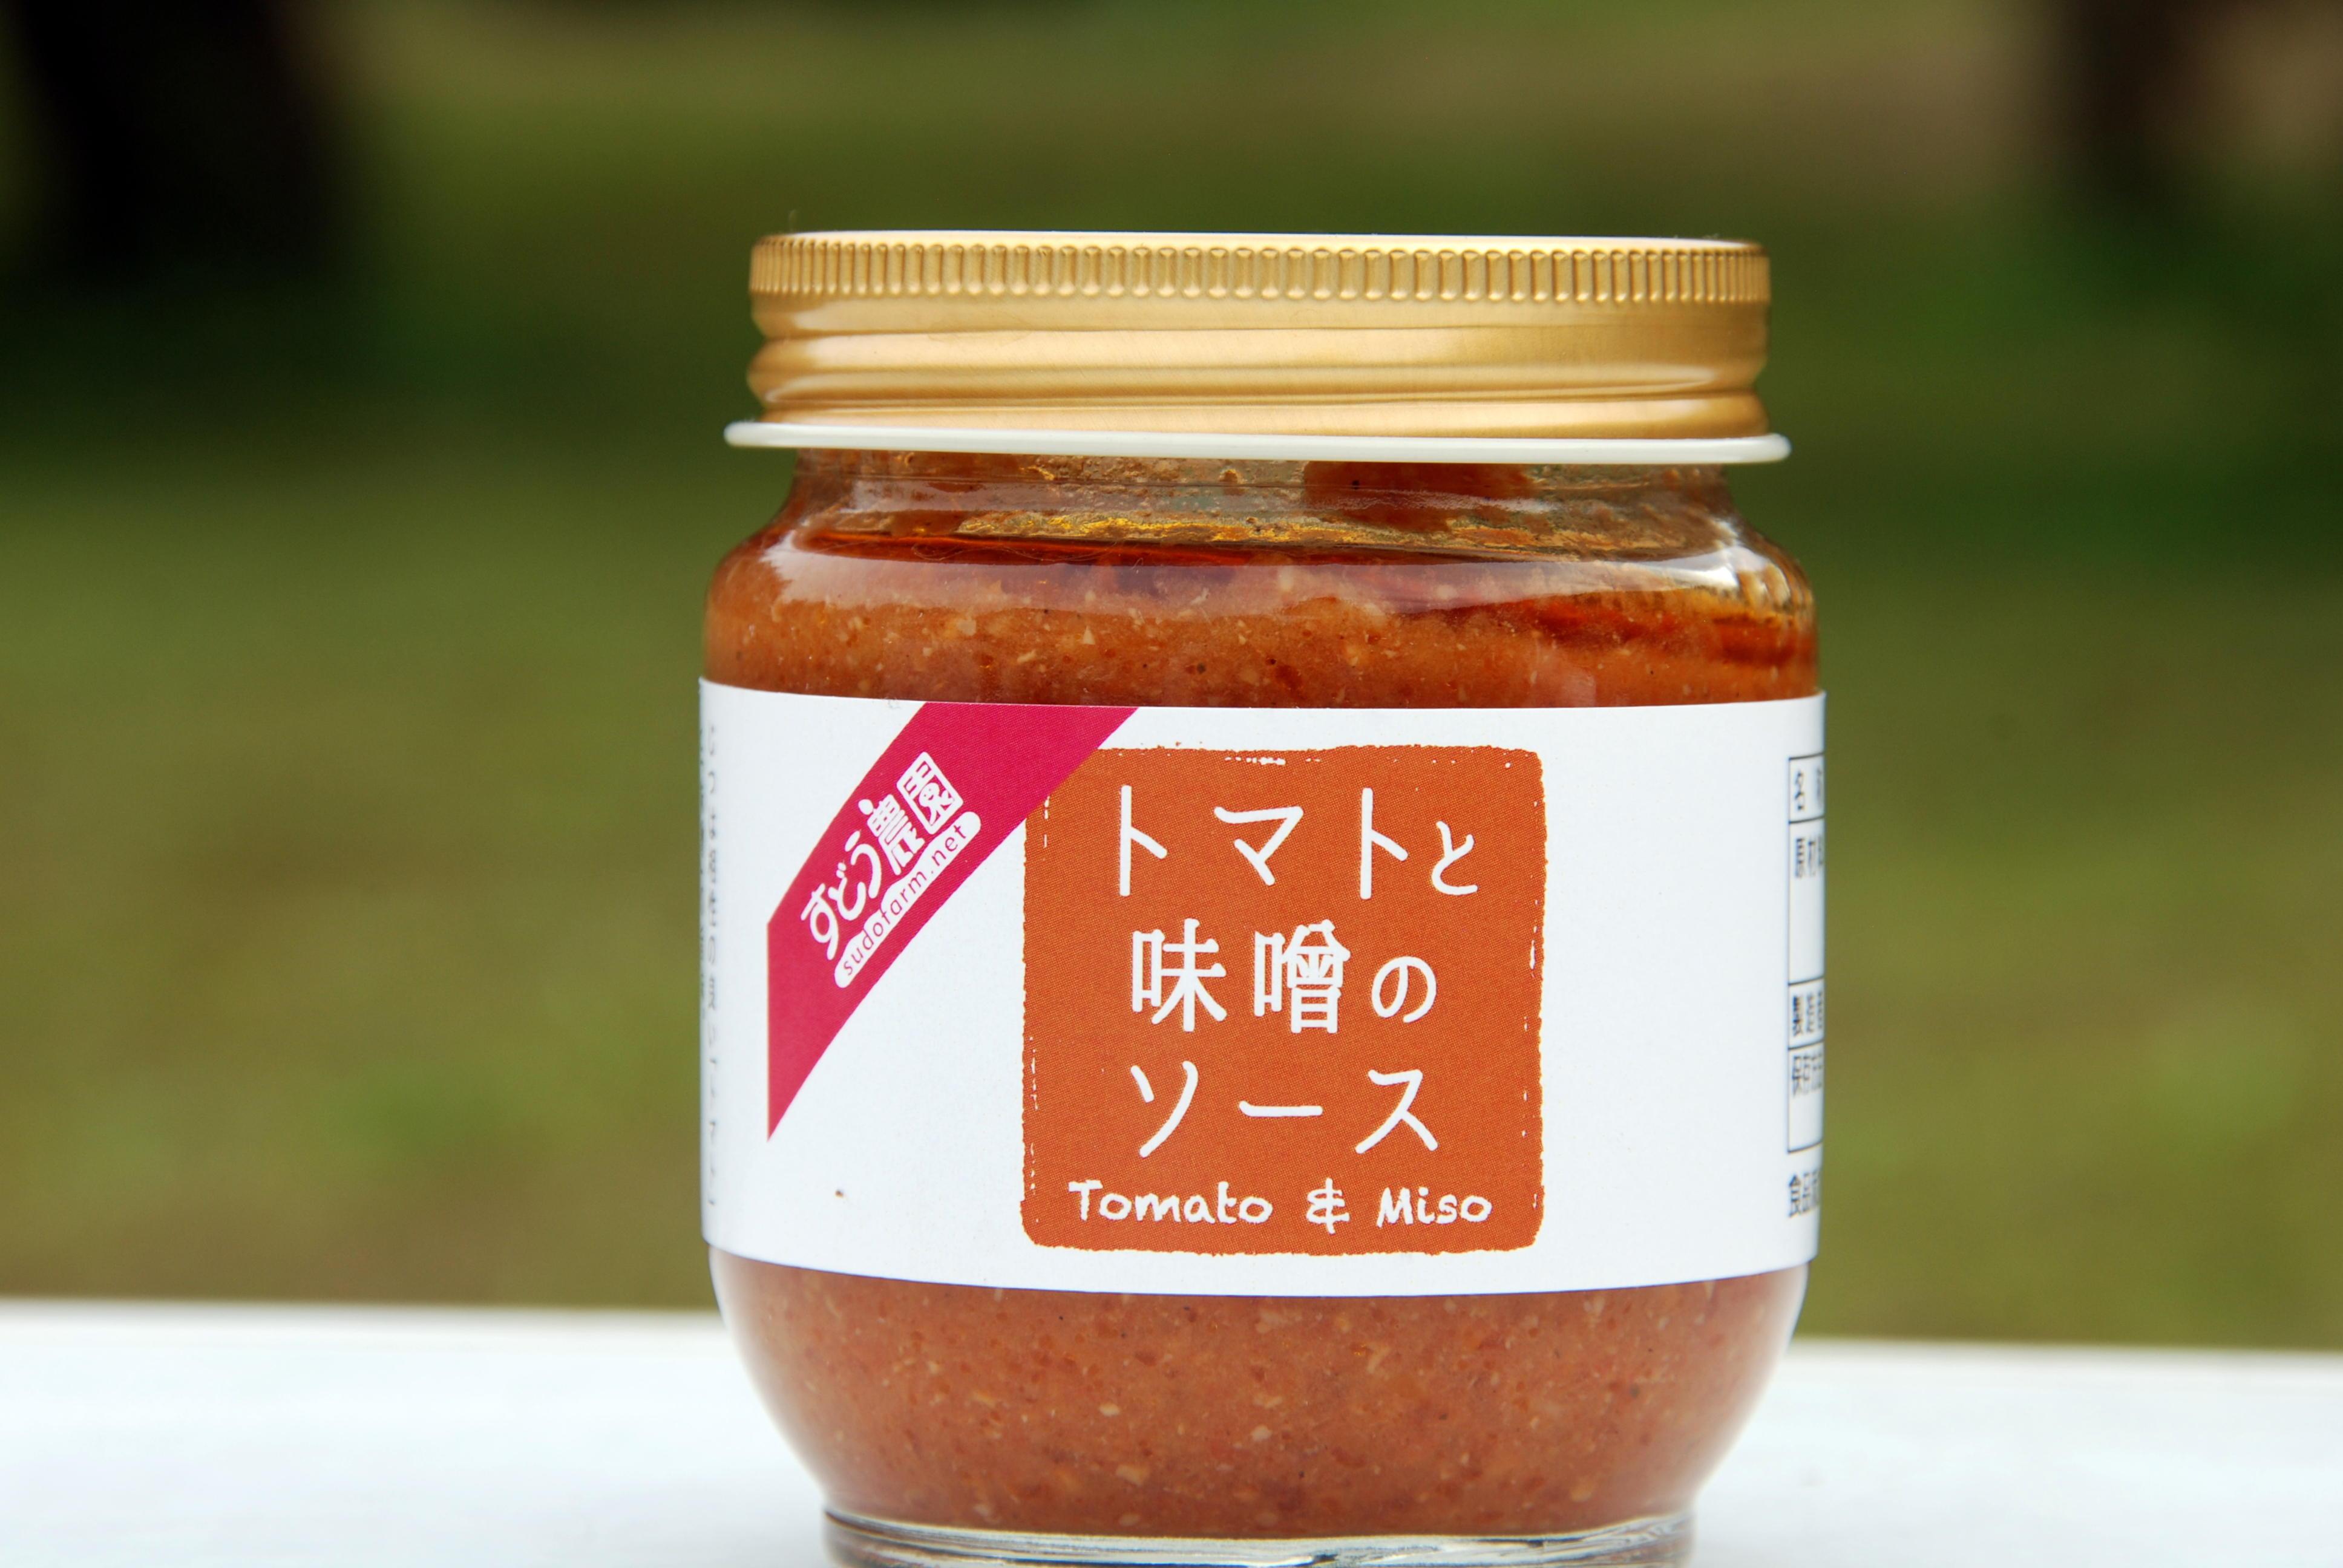 トマトと味噌のソース